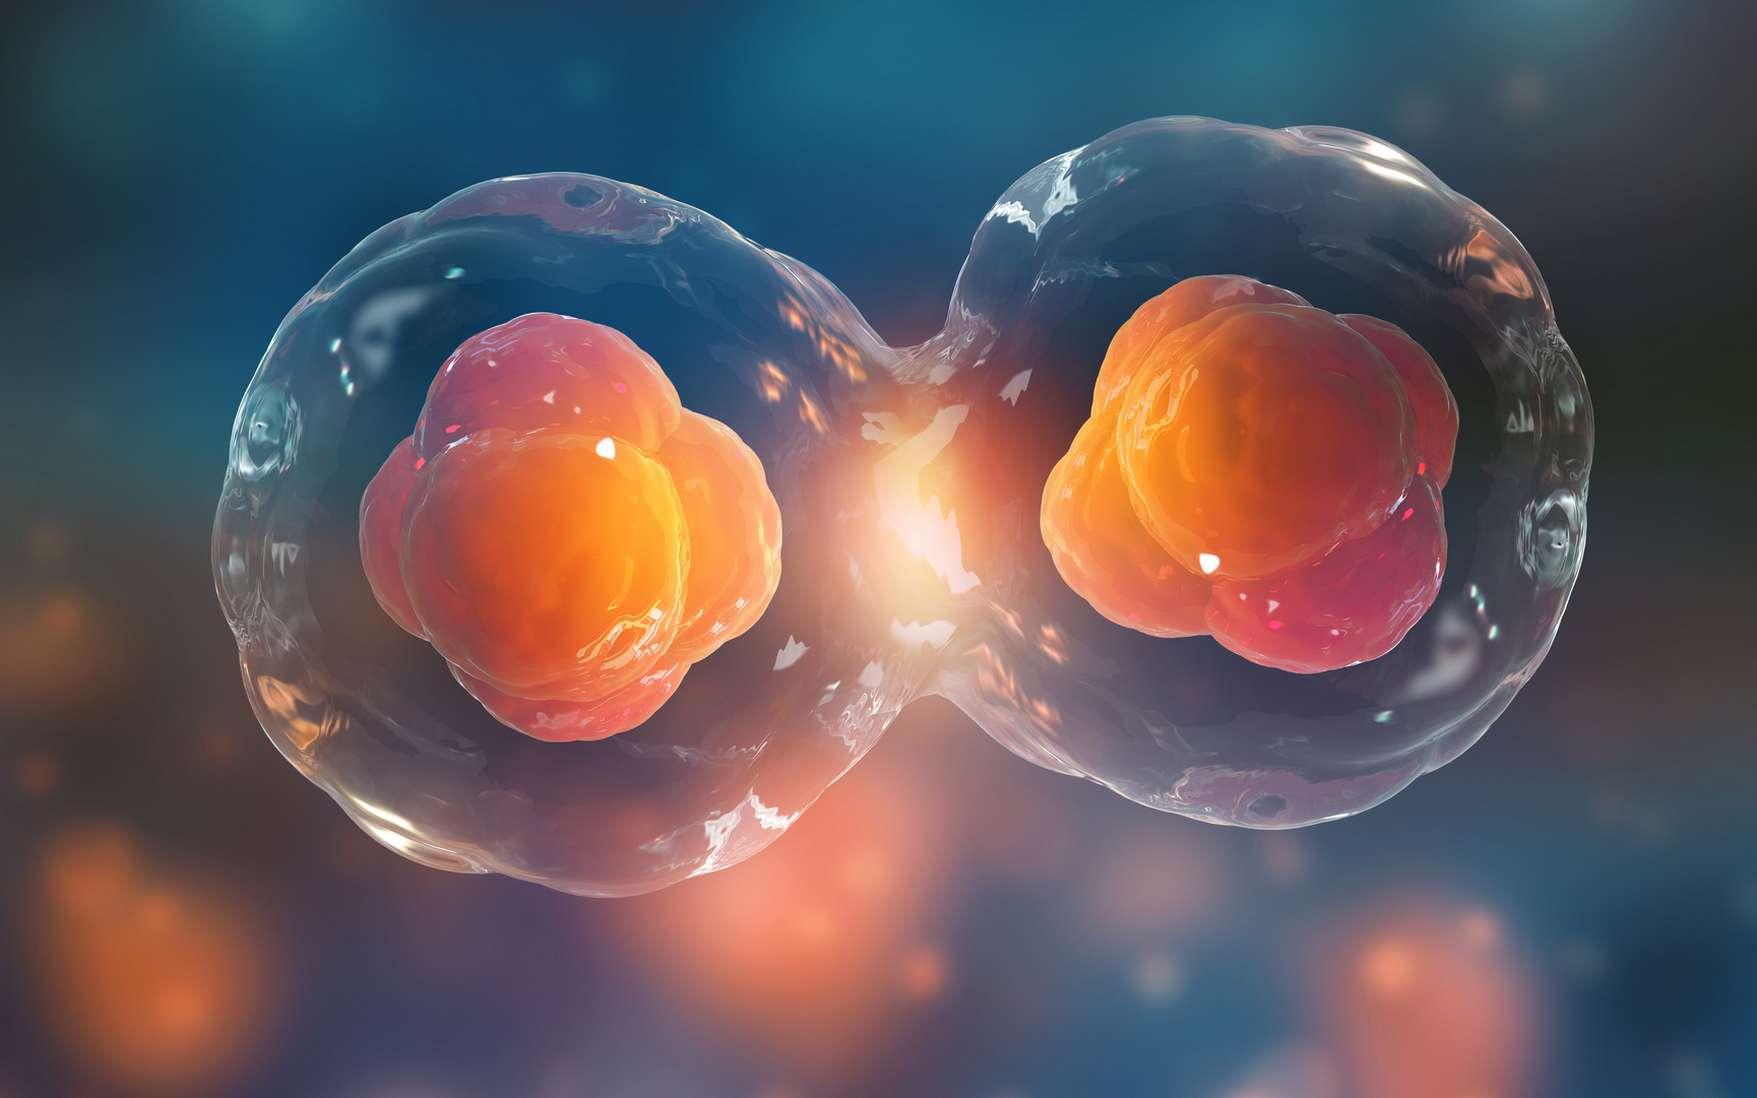 Expériences, recherches, analyse des résultats. Le biochimiste tente de percer le mystère des cellules afin de faire progresser la recherche scientifique. © Siarhei, Fotolia.